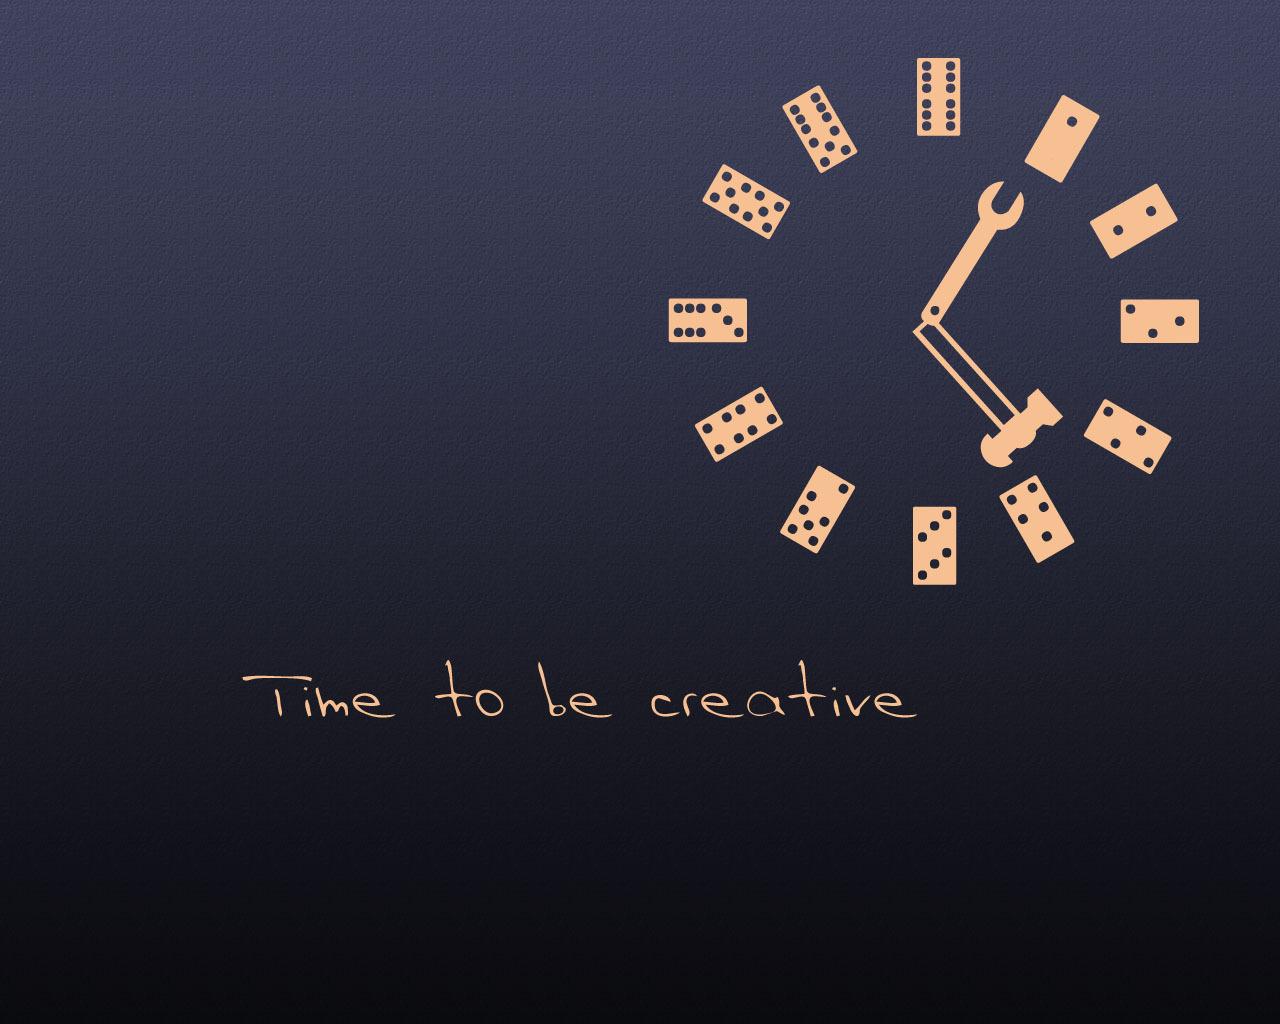 Creativity quote #8